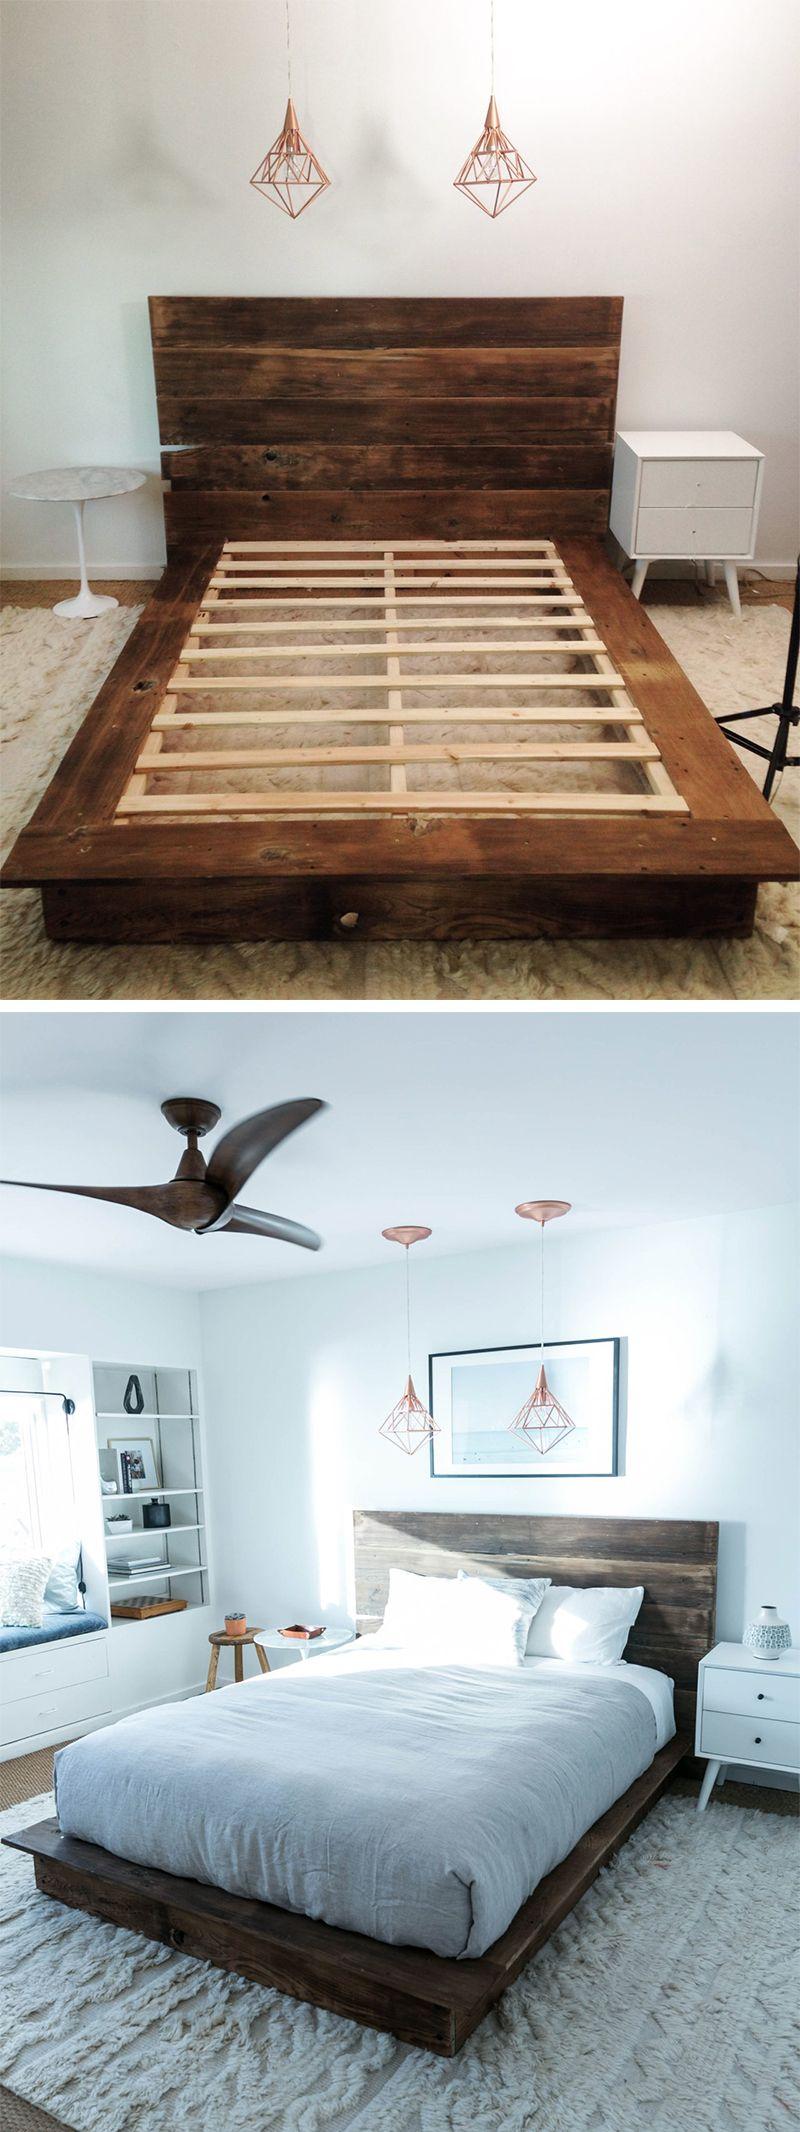 Diy reclaimed wood platform bed in 2020 bed frame